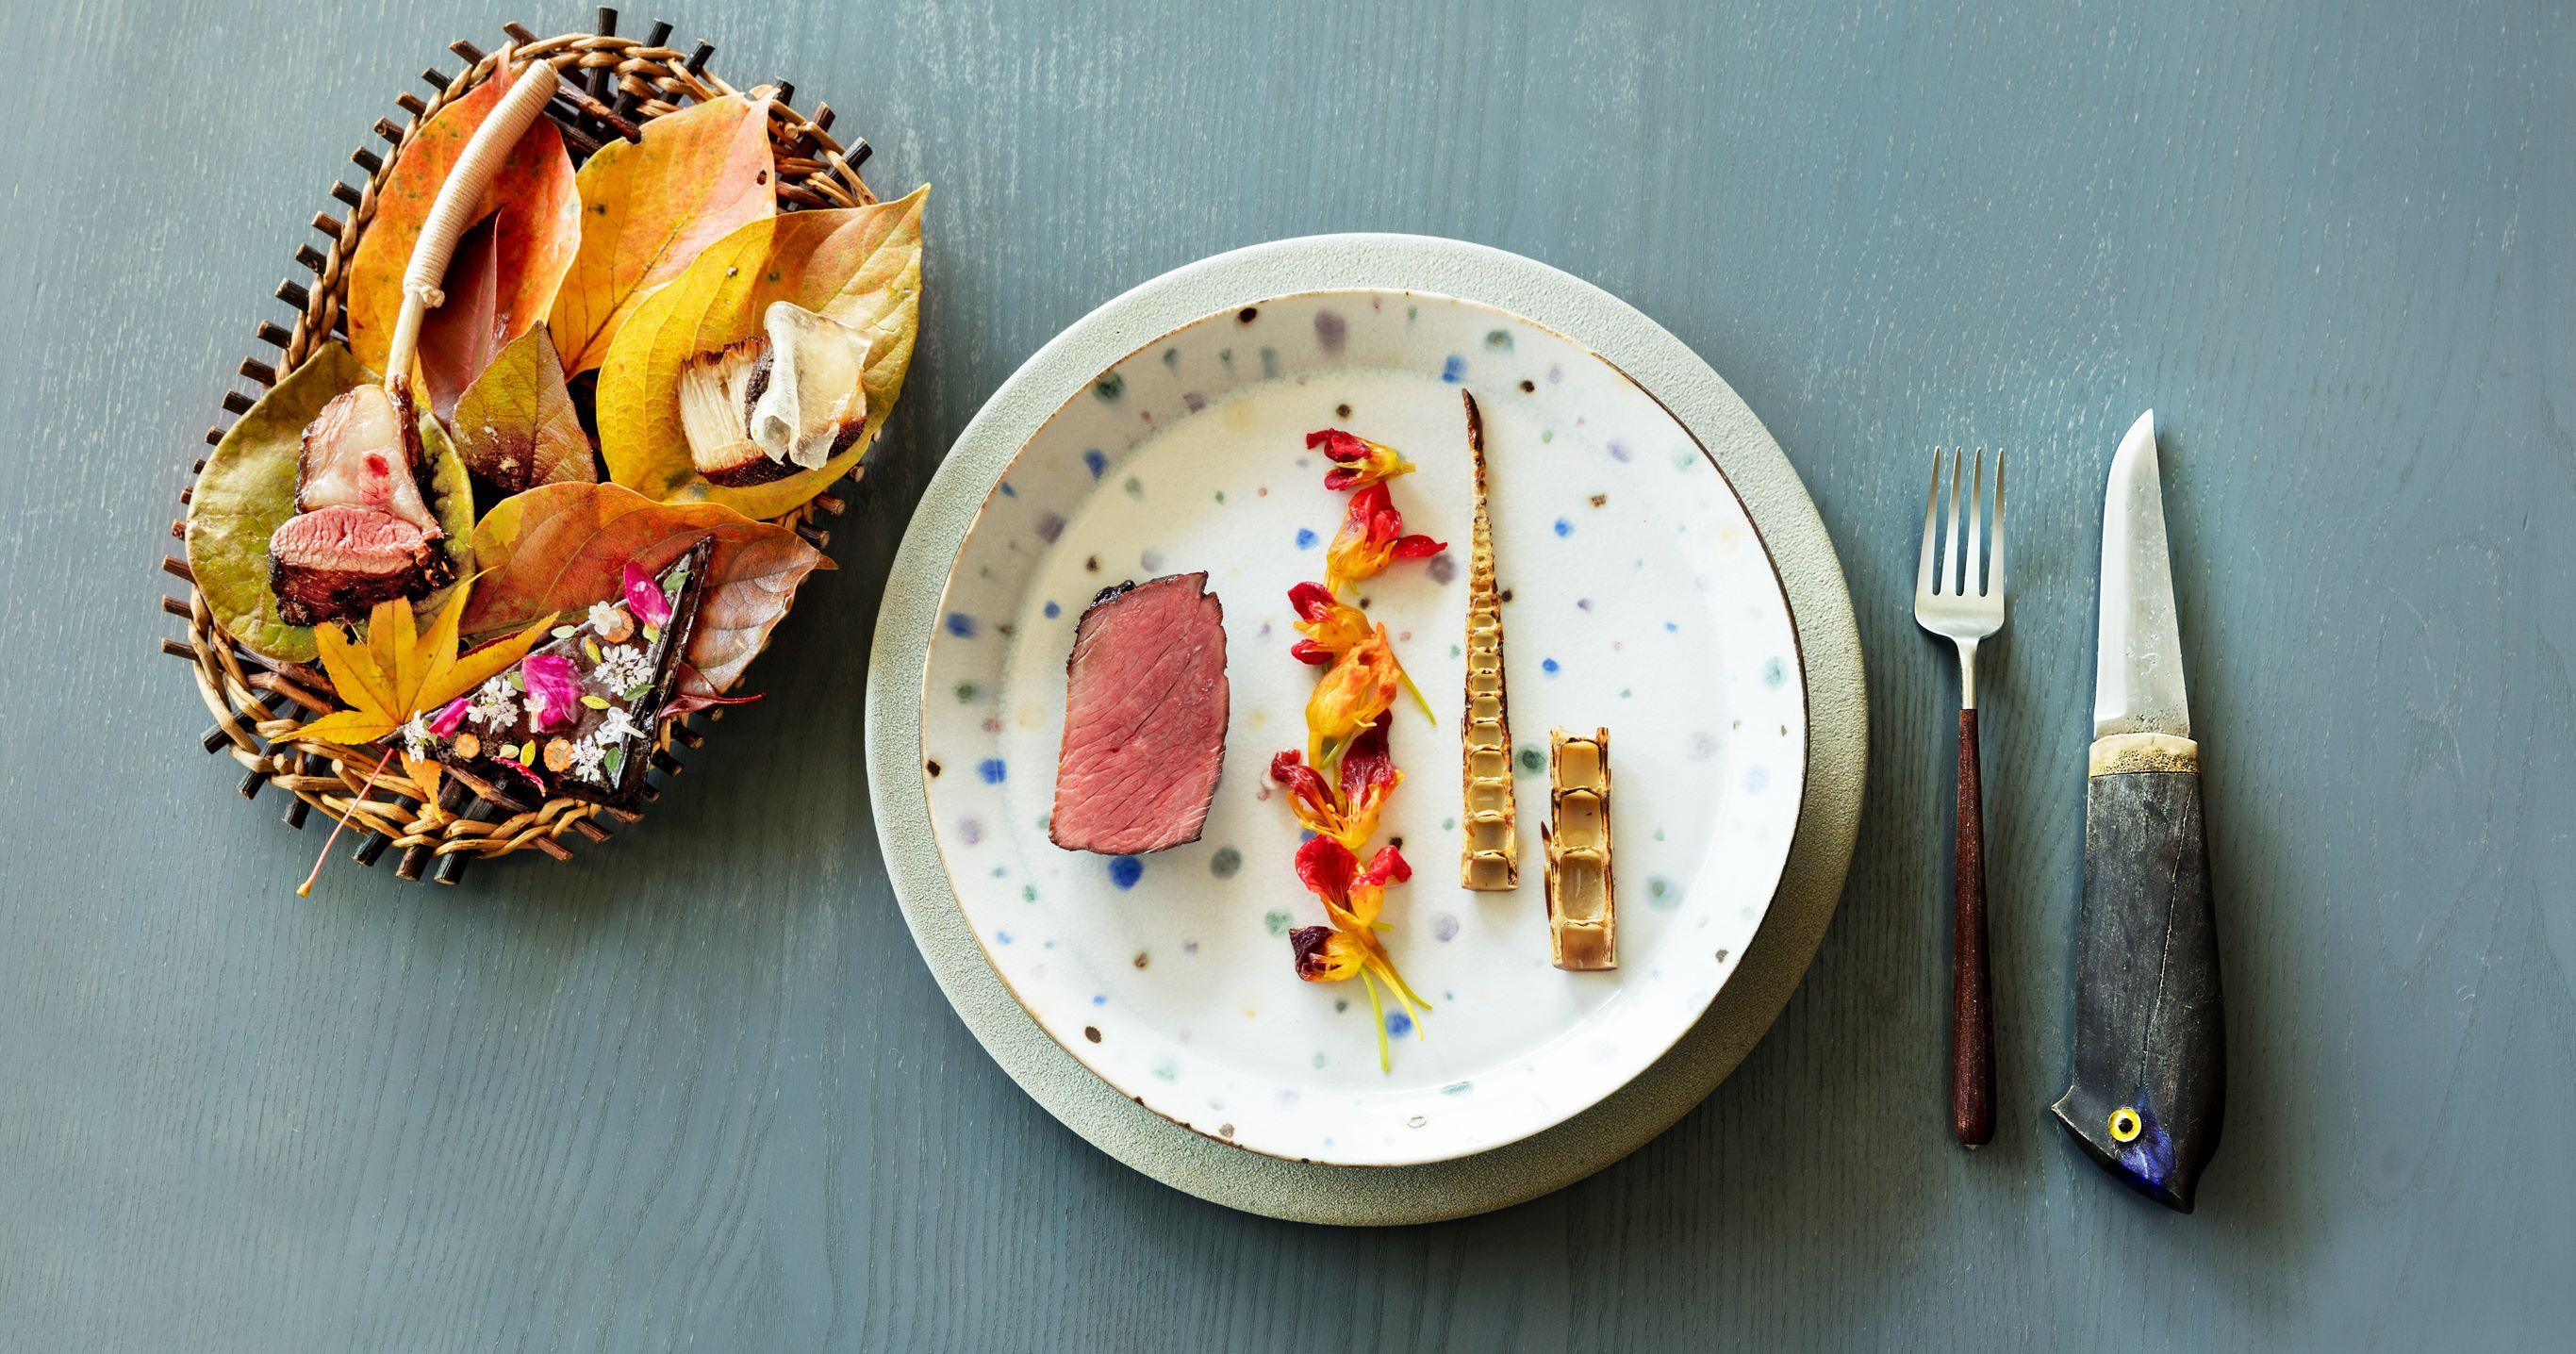 北海道産の鹿肉を2週間熟成させ、焼酎の麹で風味をつけて燻製した後、炭火でグリルした料理。ナスタチウムの花のキムチと高知産の四方竹をあわせて。